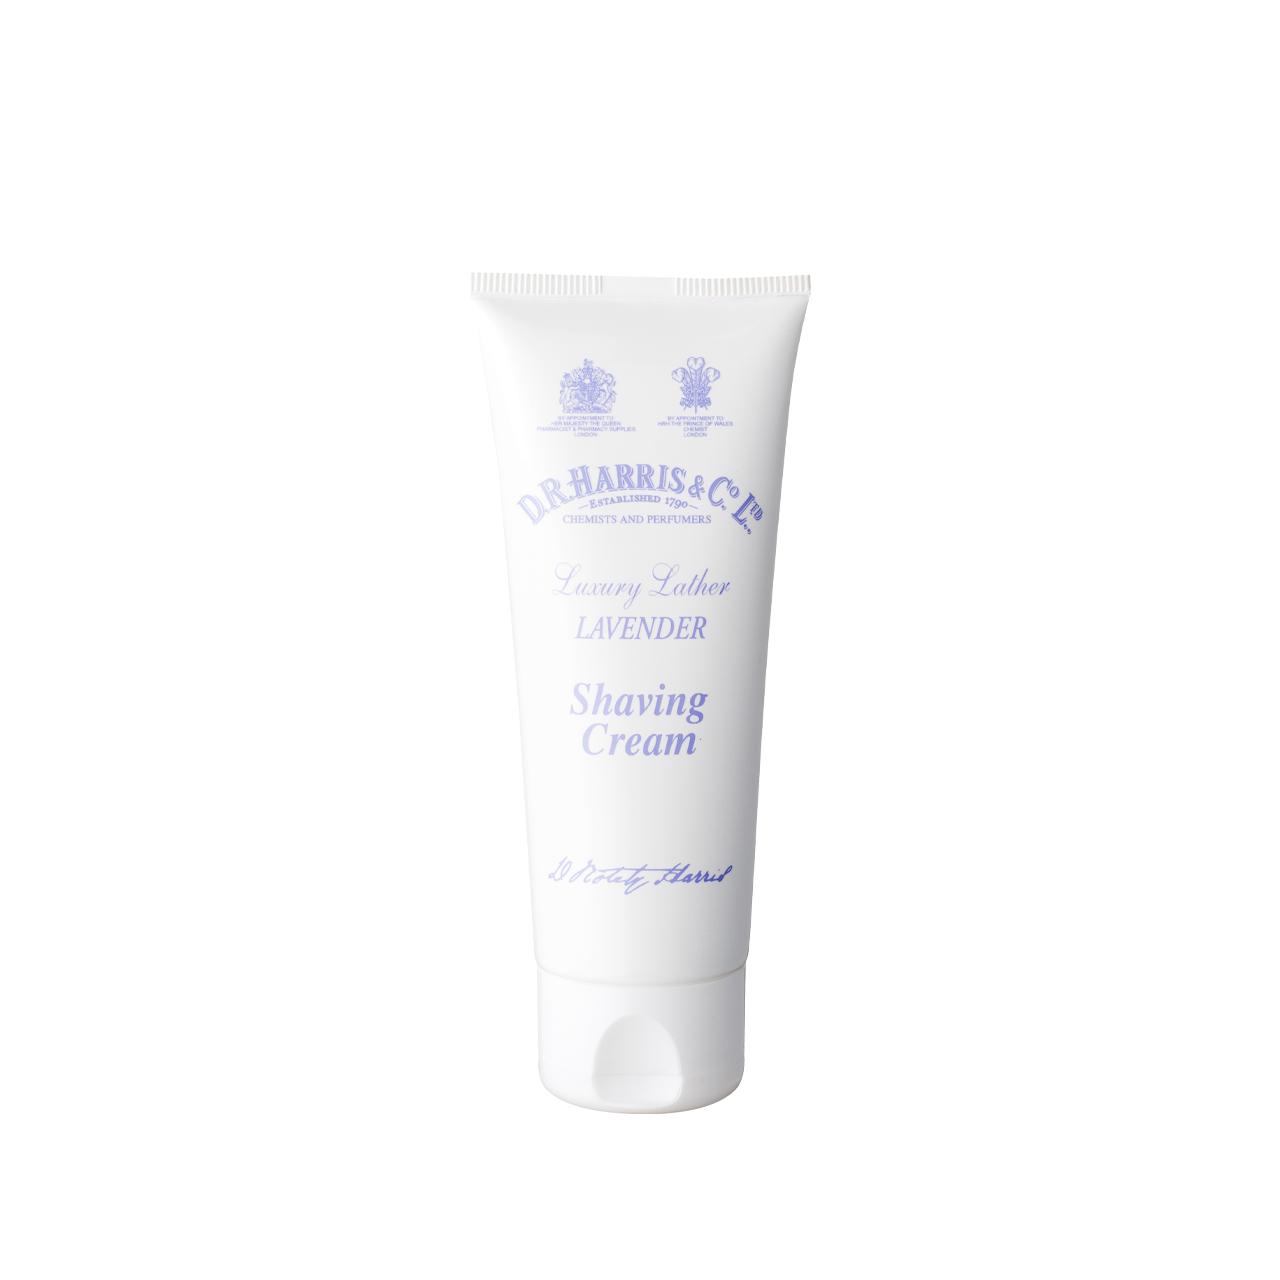 Lavender - Shaving Cream Tube